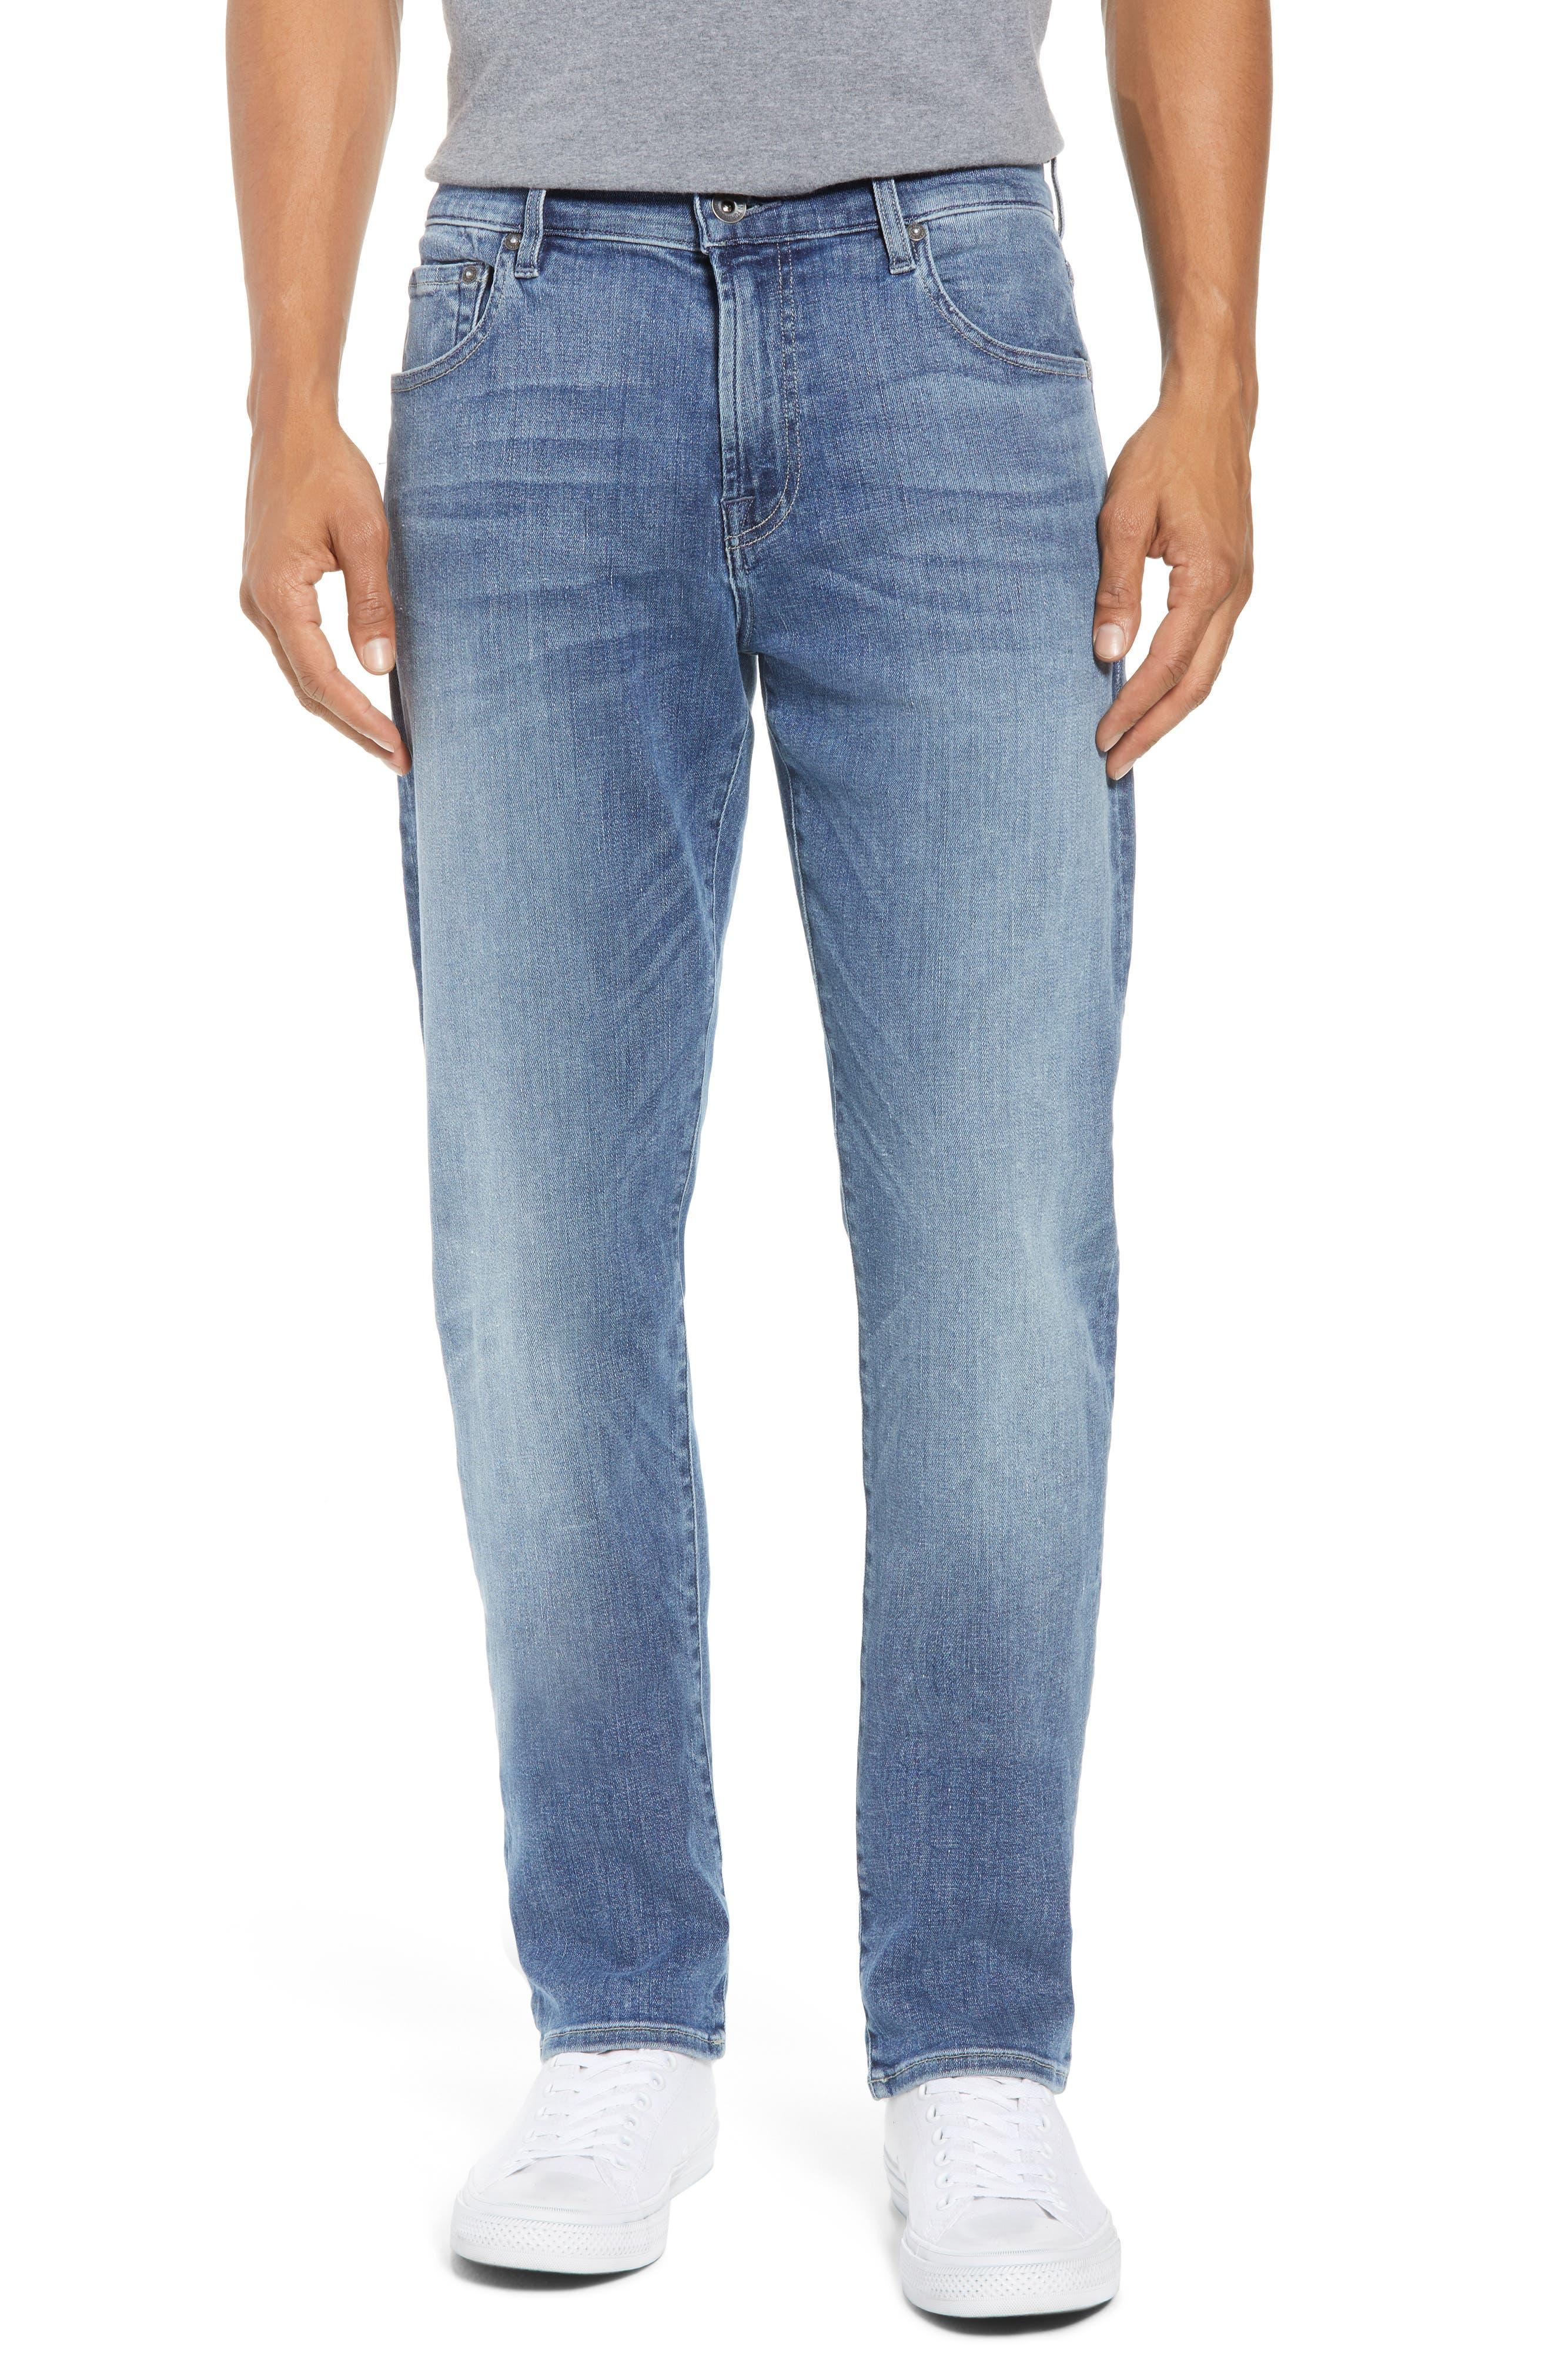 Adrien Slim Fit Jeans,                             Main thumbnail 1, color,                             VORTEX